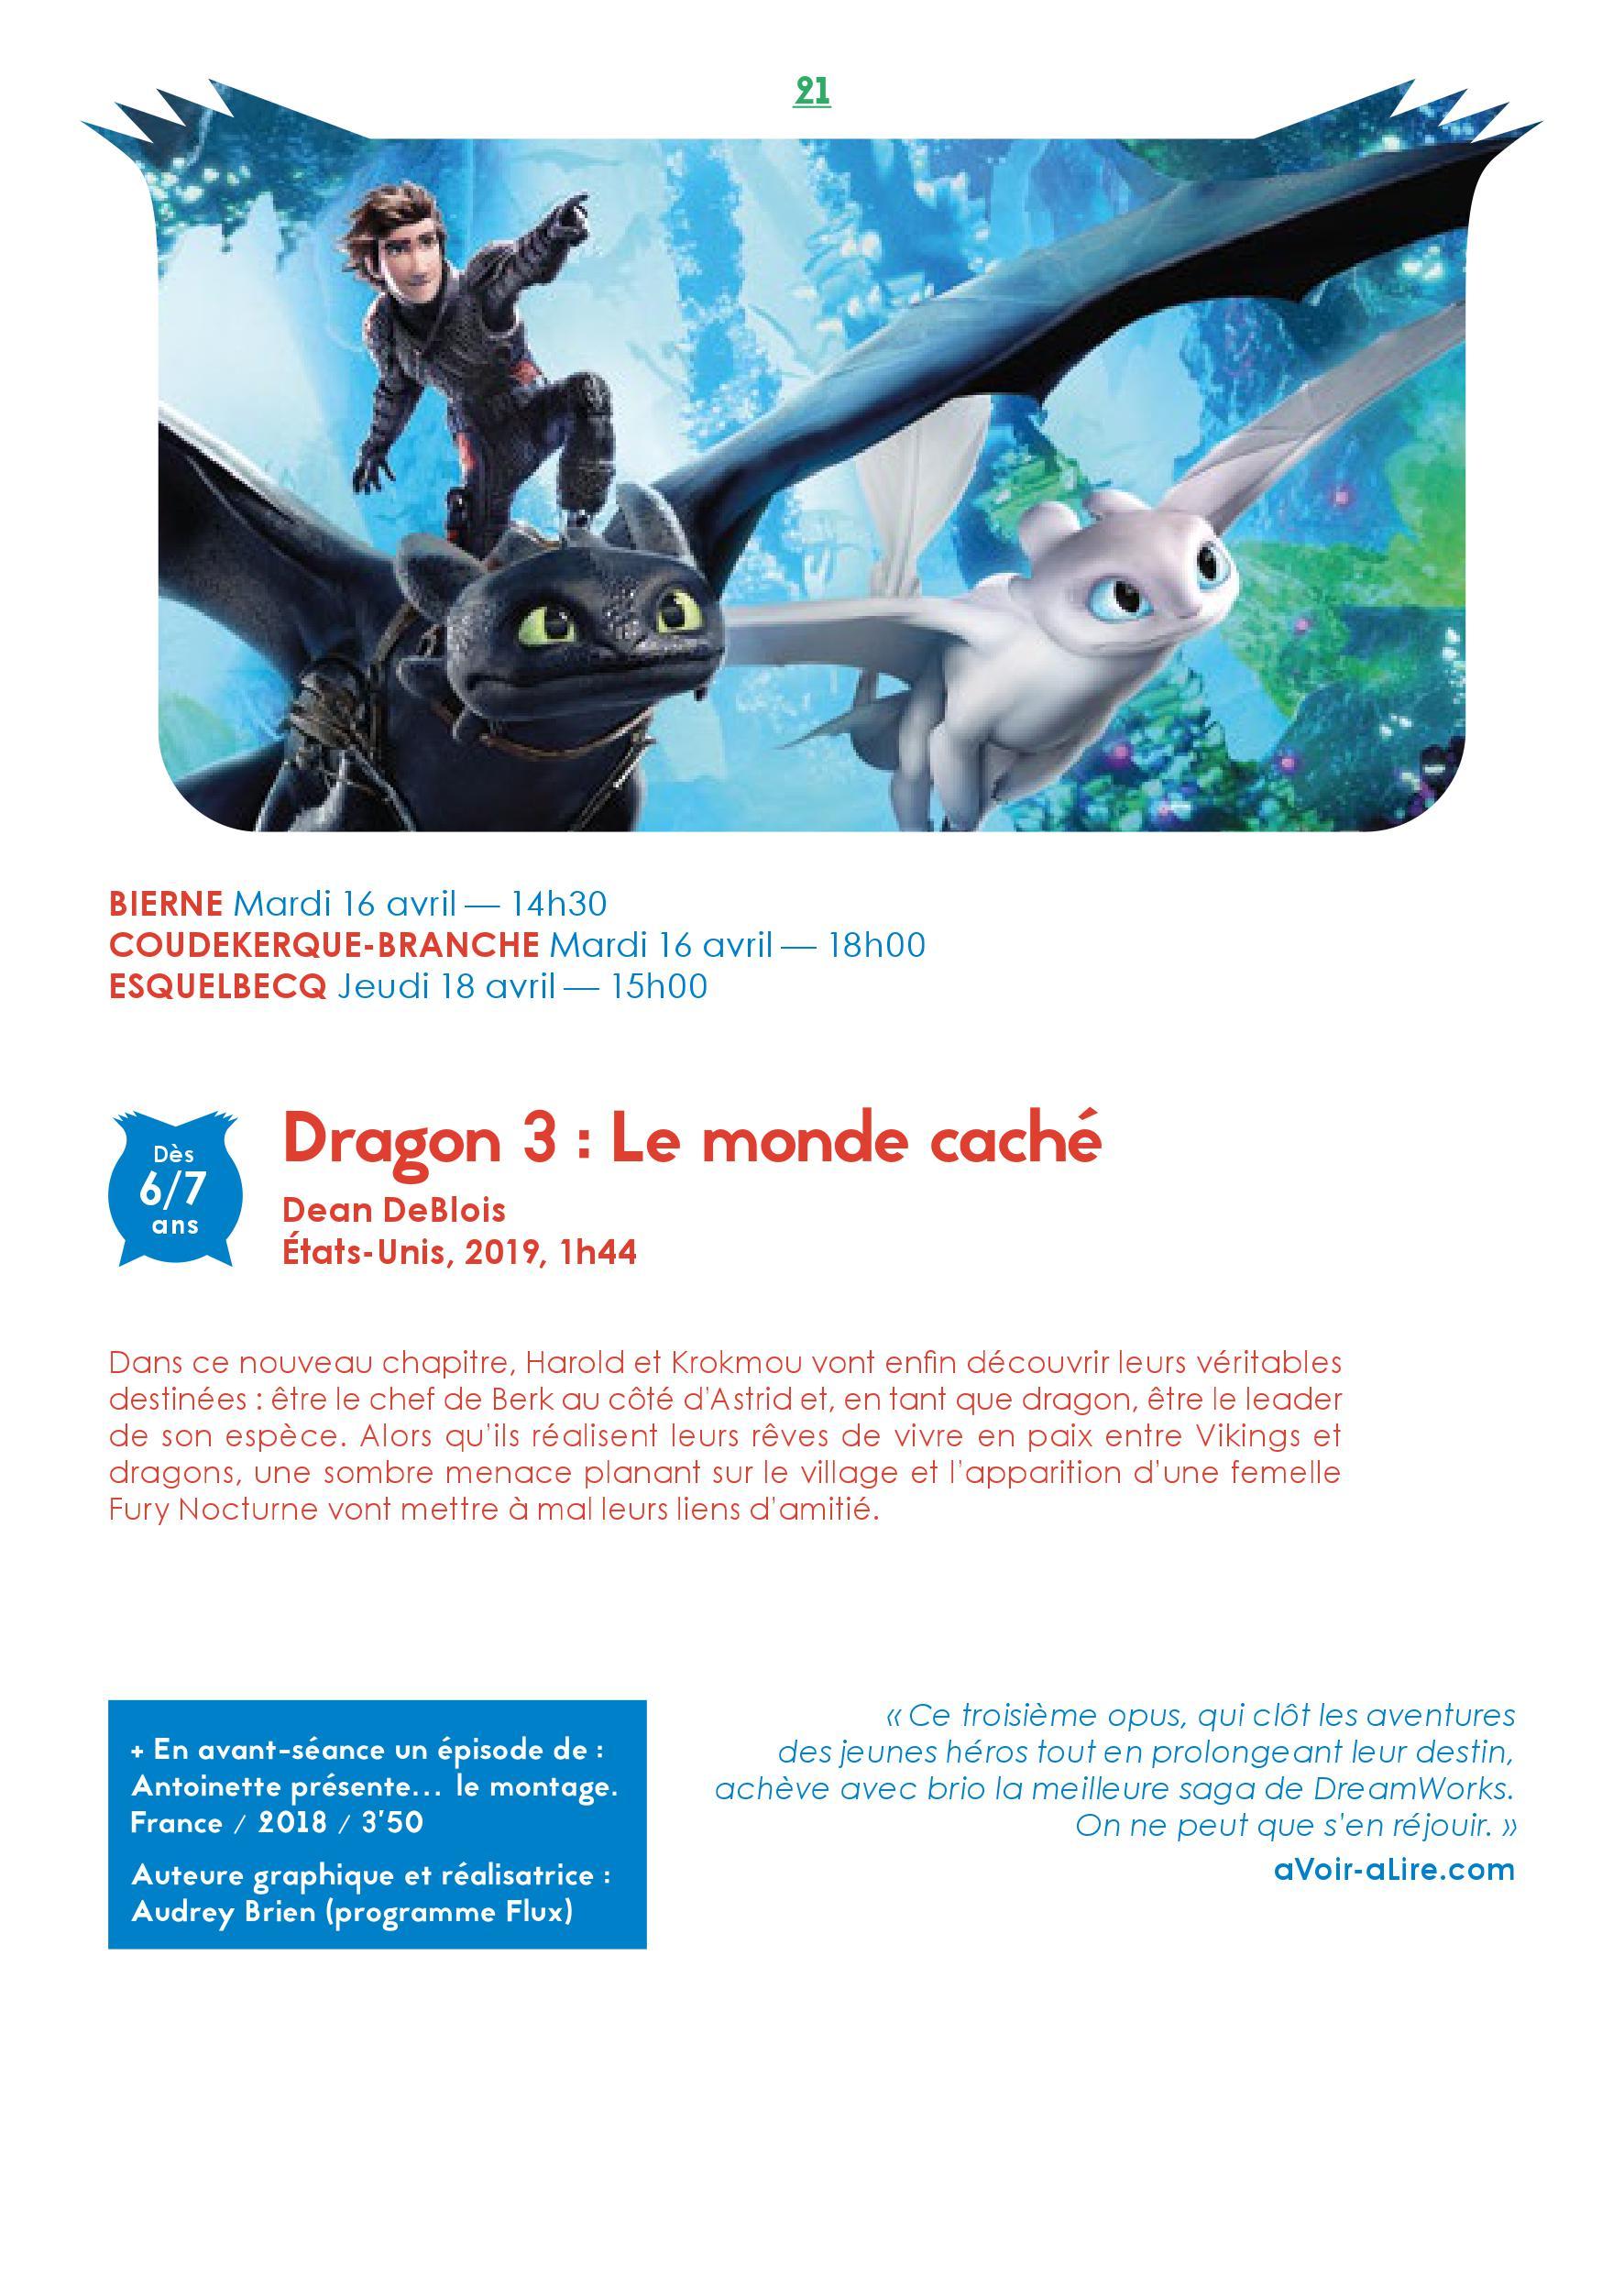 dragon_3.jpg